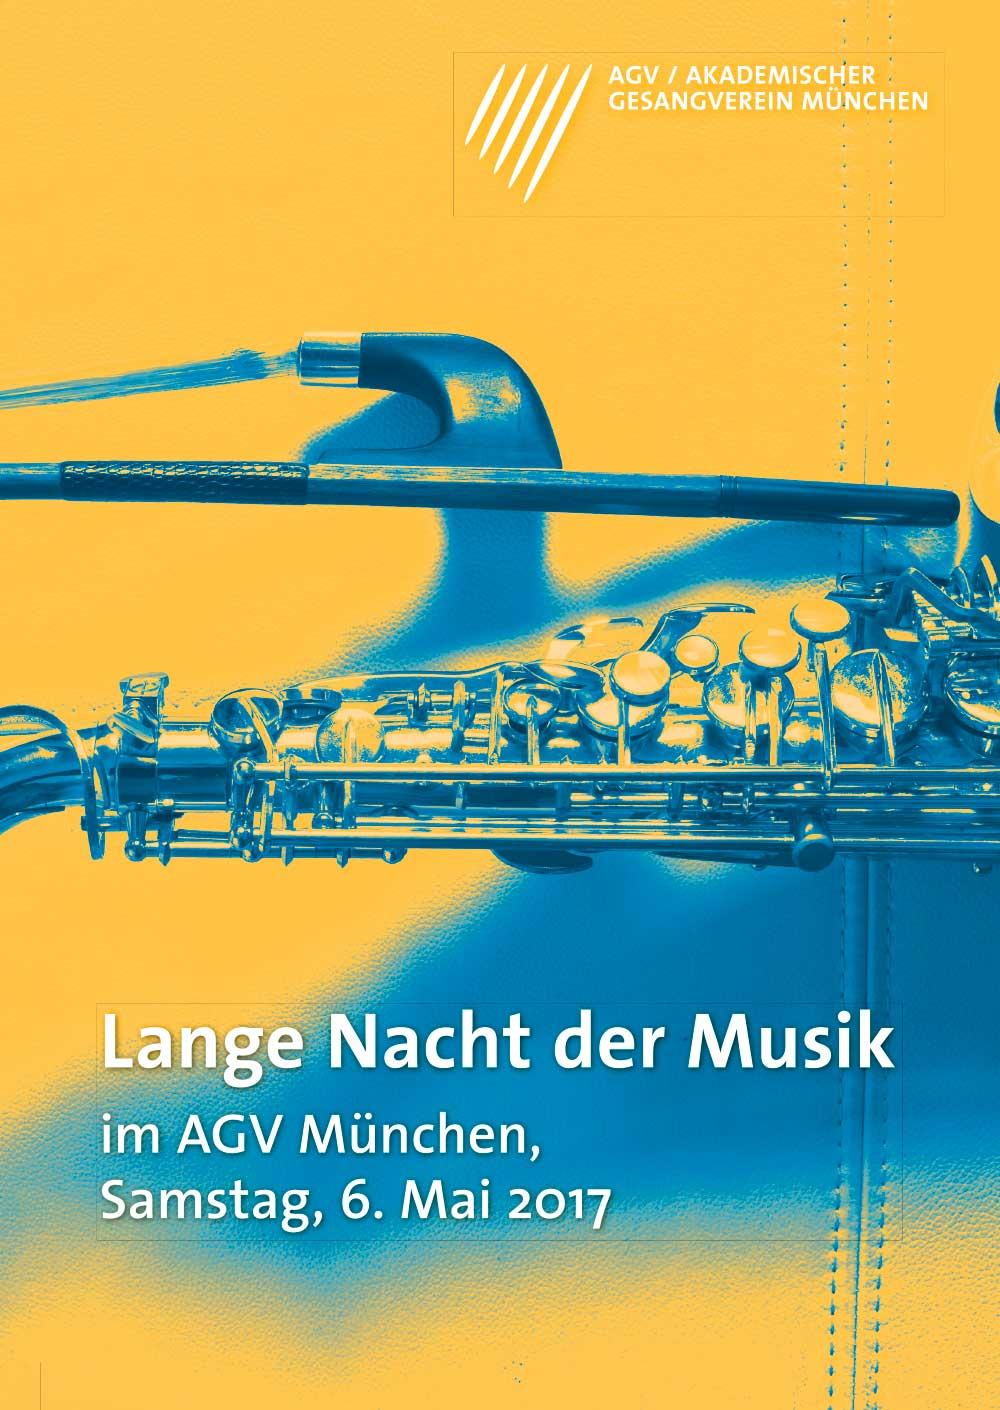 Akademischer Gesangsverein München Lange Nacht der Musik Poster 2